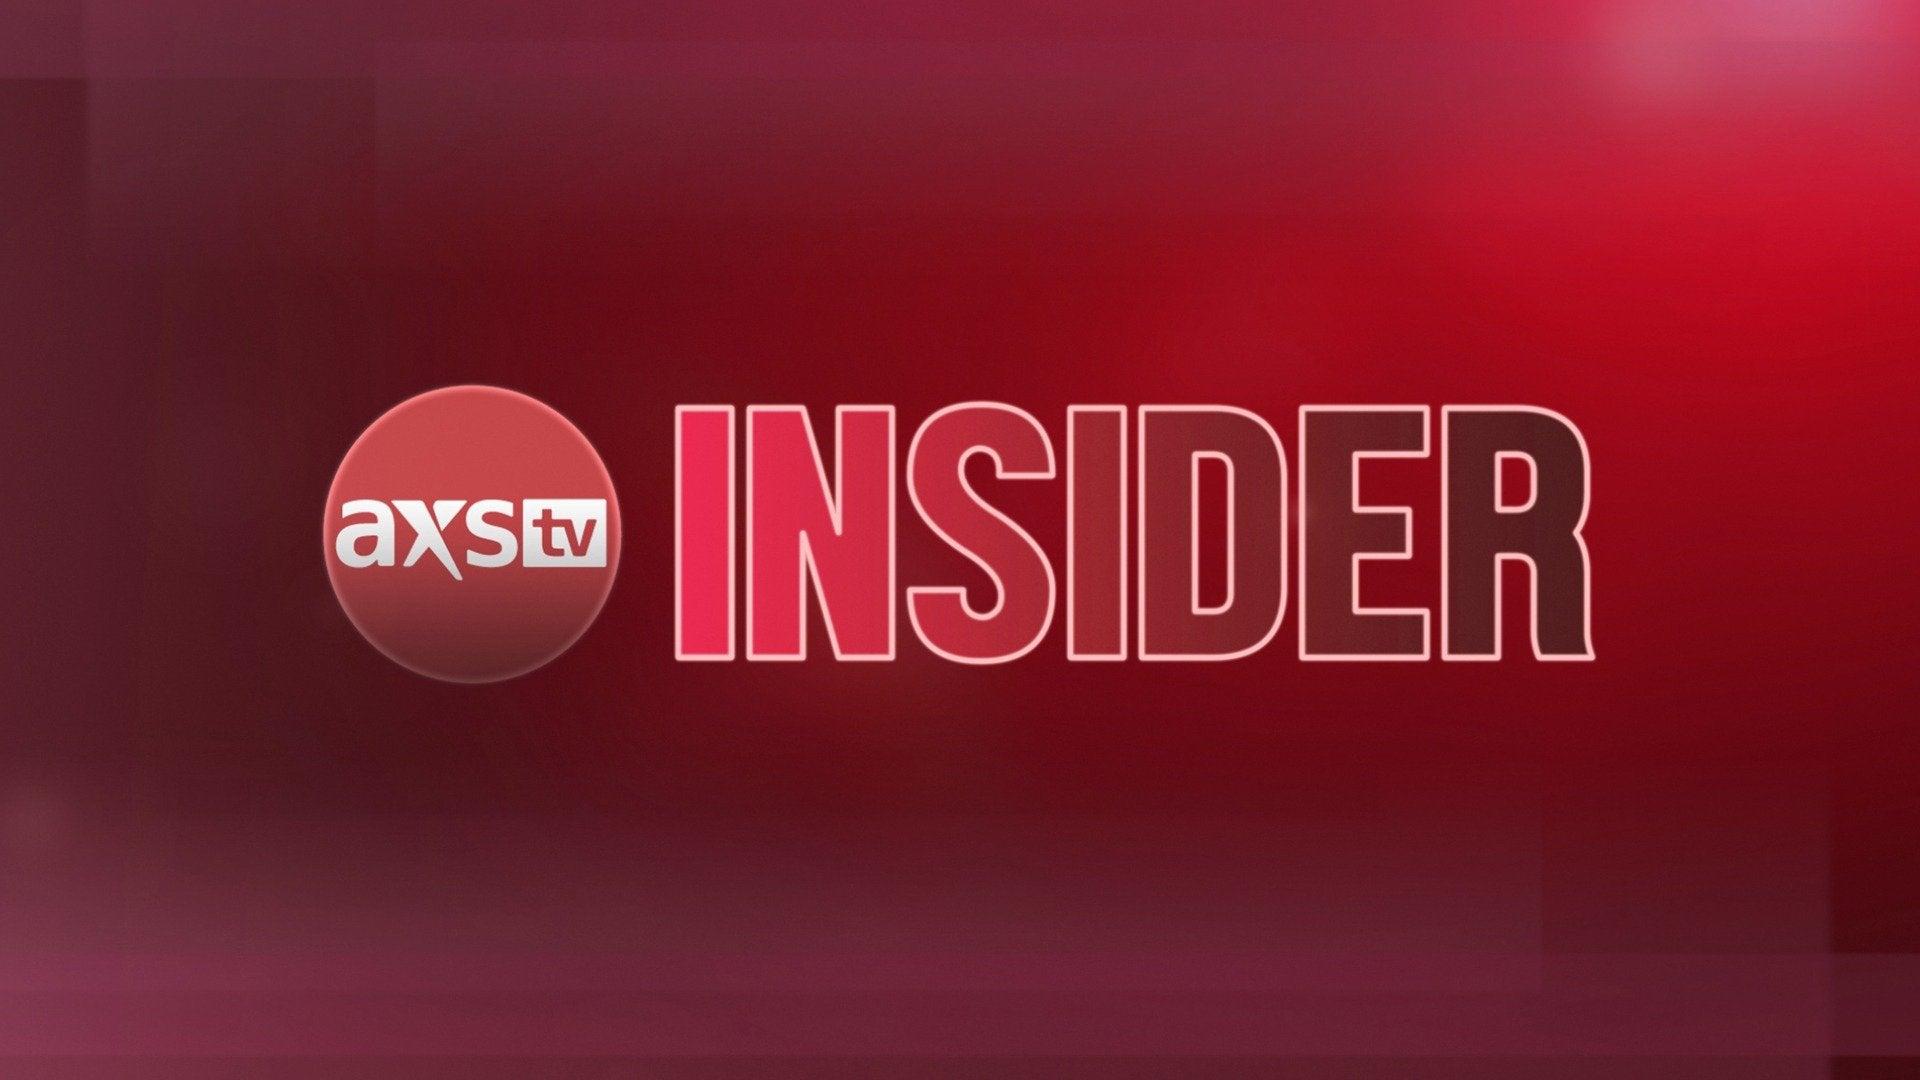 AXS TV Insider